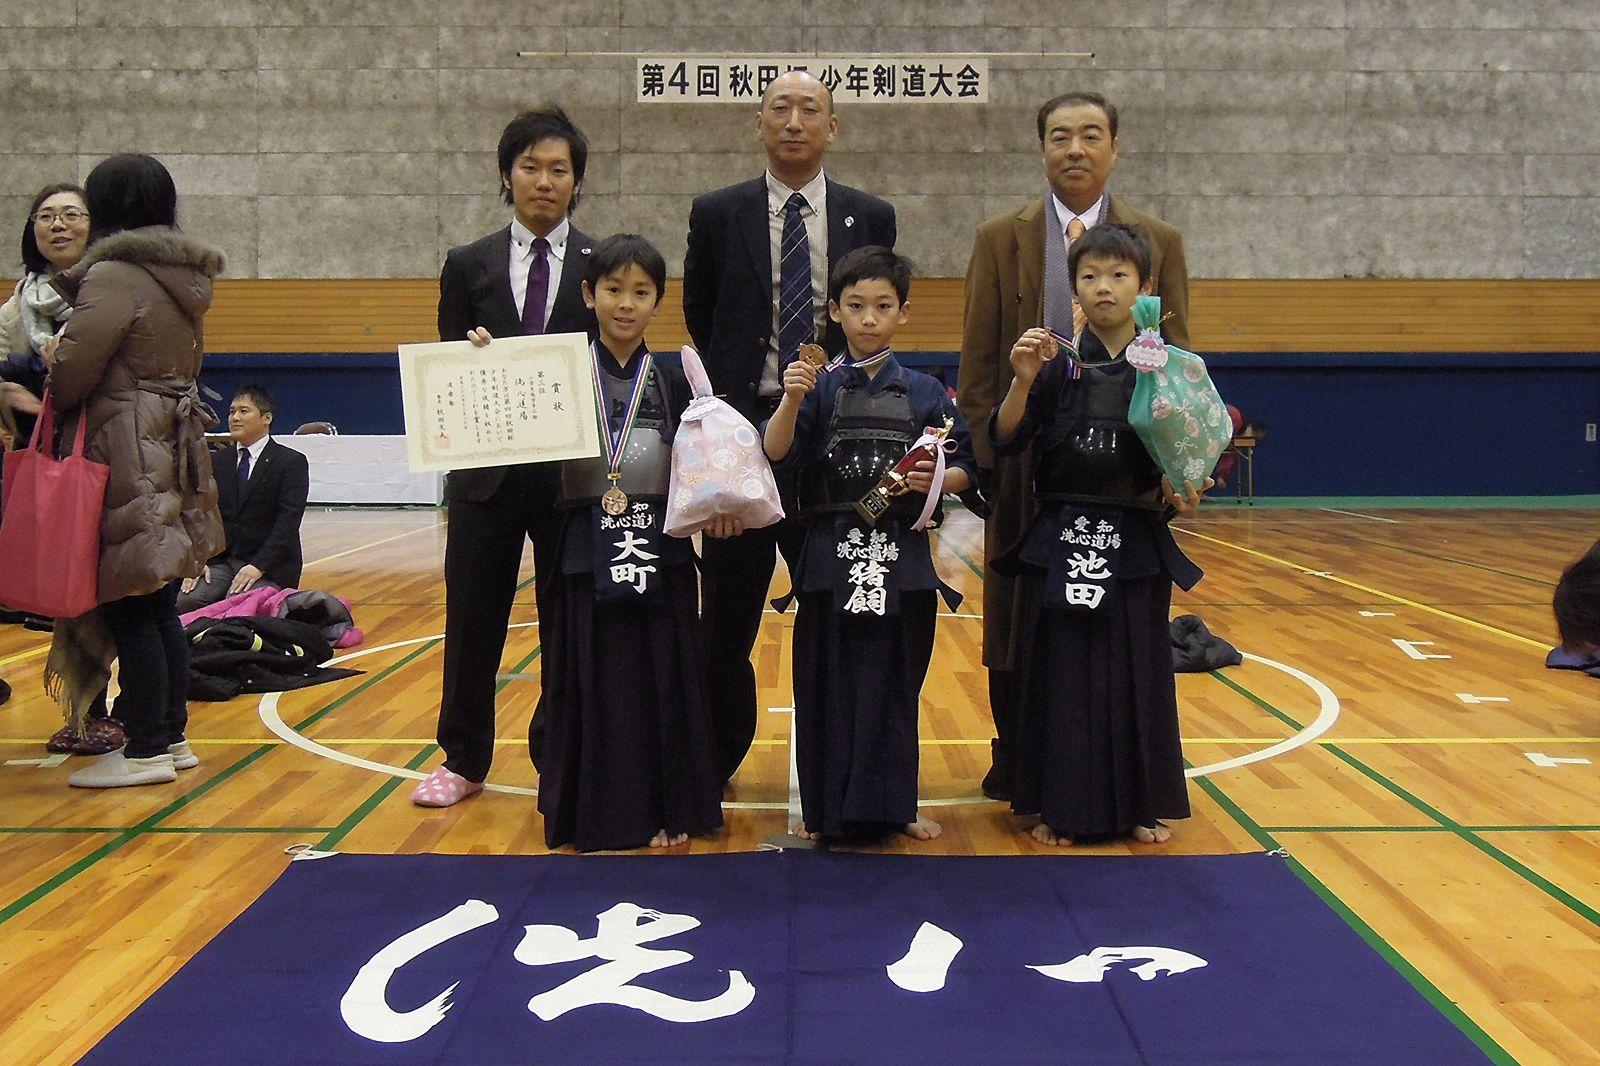 第4回秋田杯少年剣道大会 小学生低学年の部 第三位 洗心道場